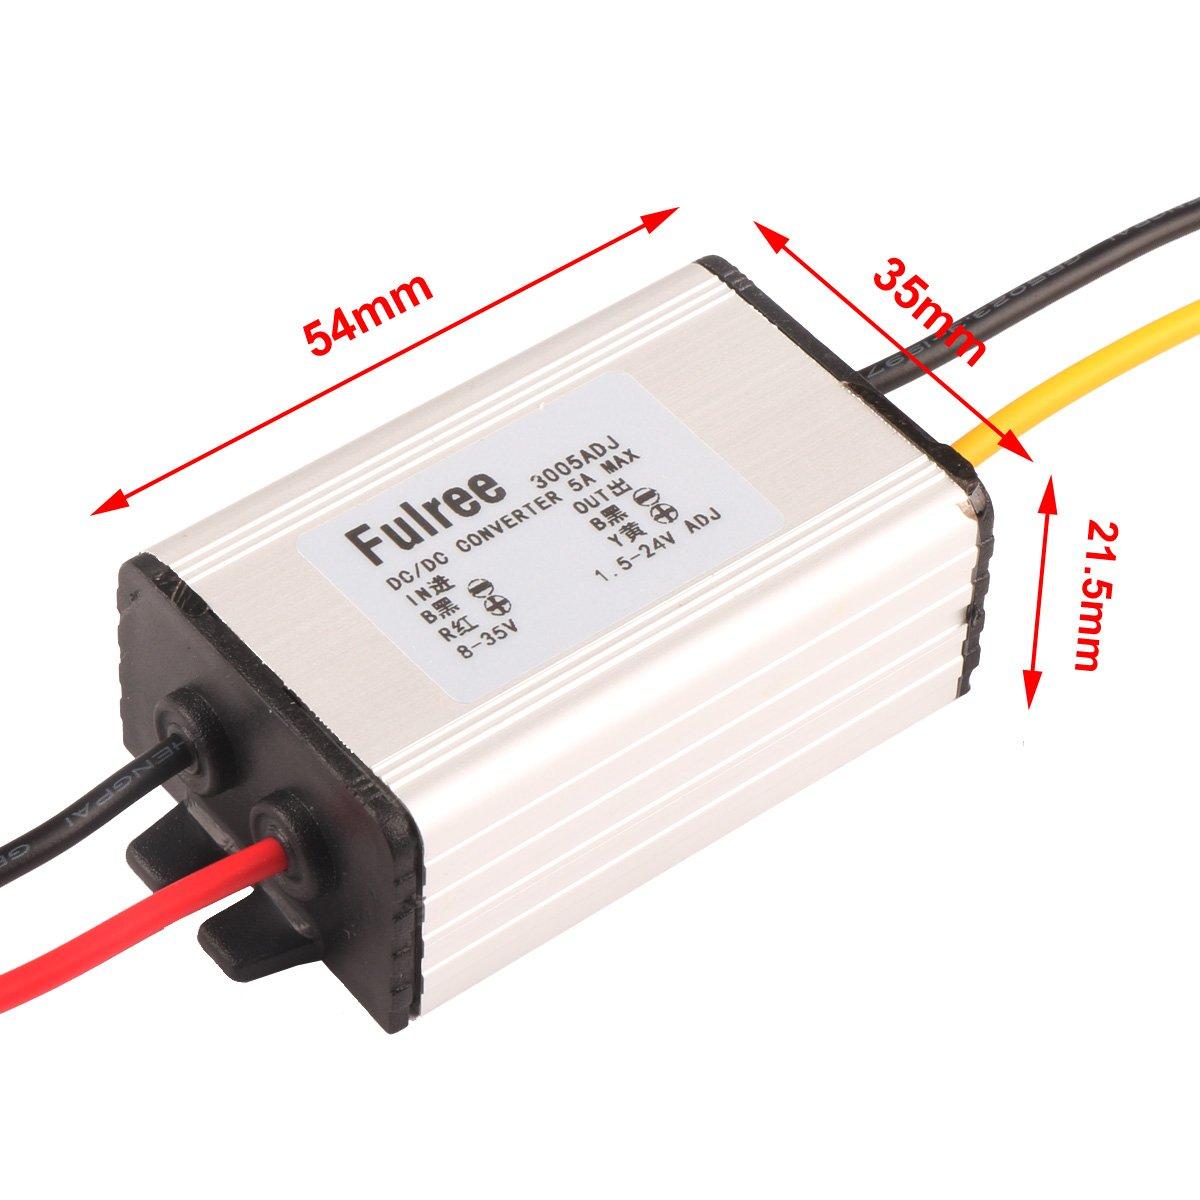 Volt Converter Drok Dc Regulator 8 35v 5v 4a Step Down Circuit In Forward Topology 24v 12v To 15 12 V 5a Adjustable Voltage Module Industrial Scientific